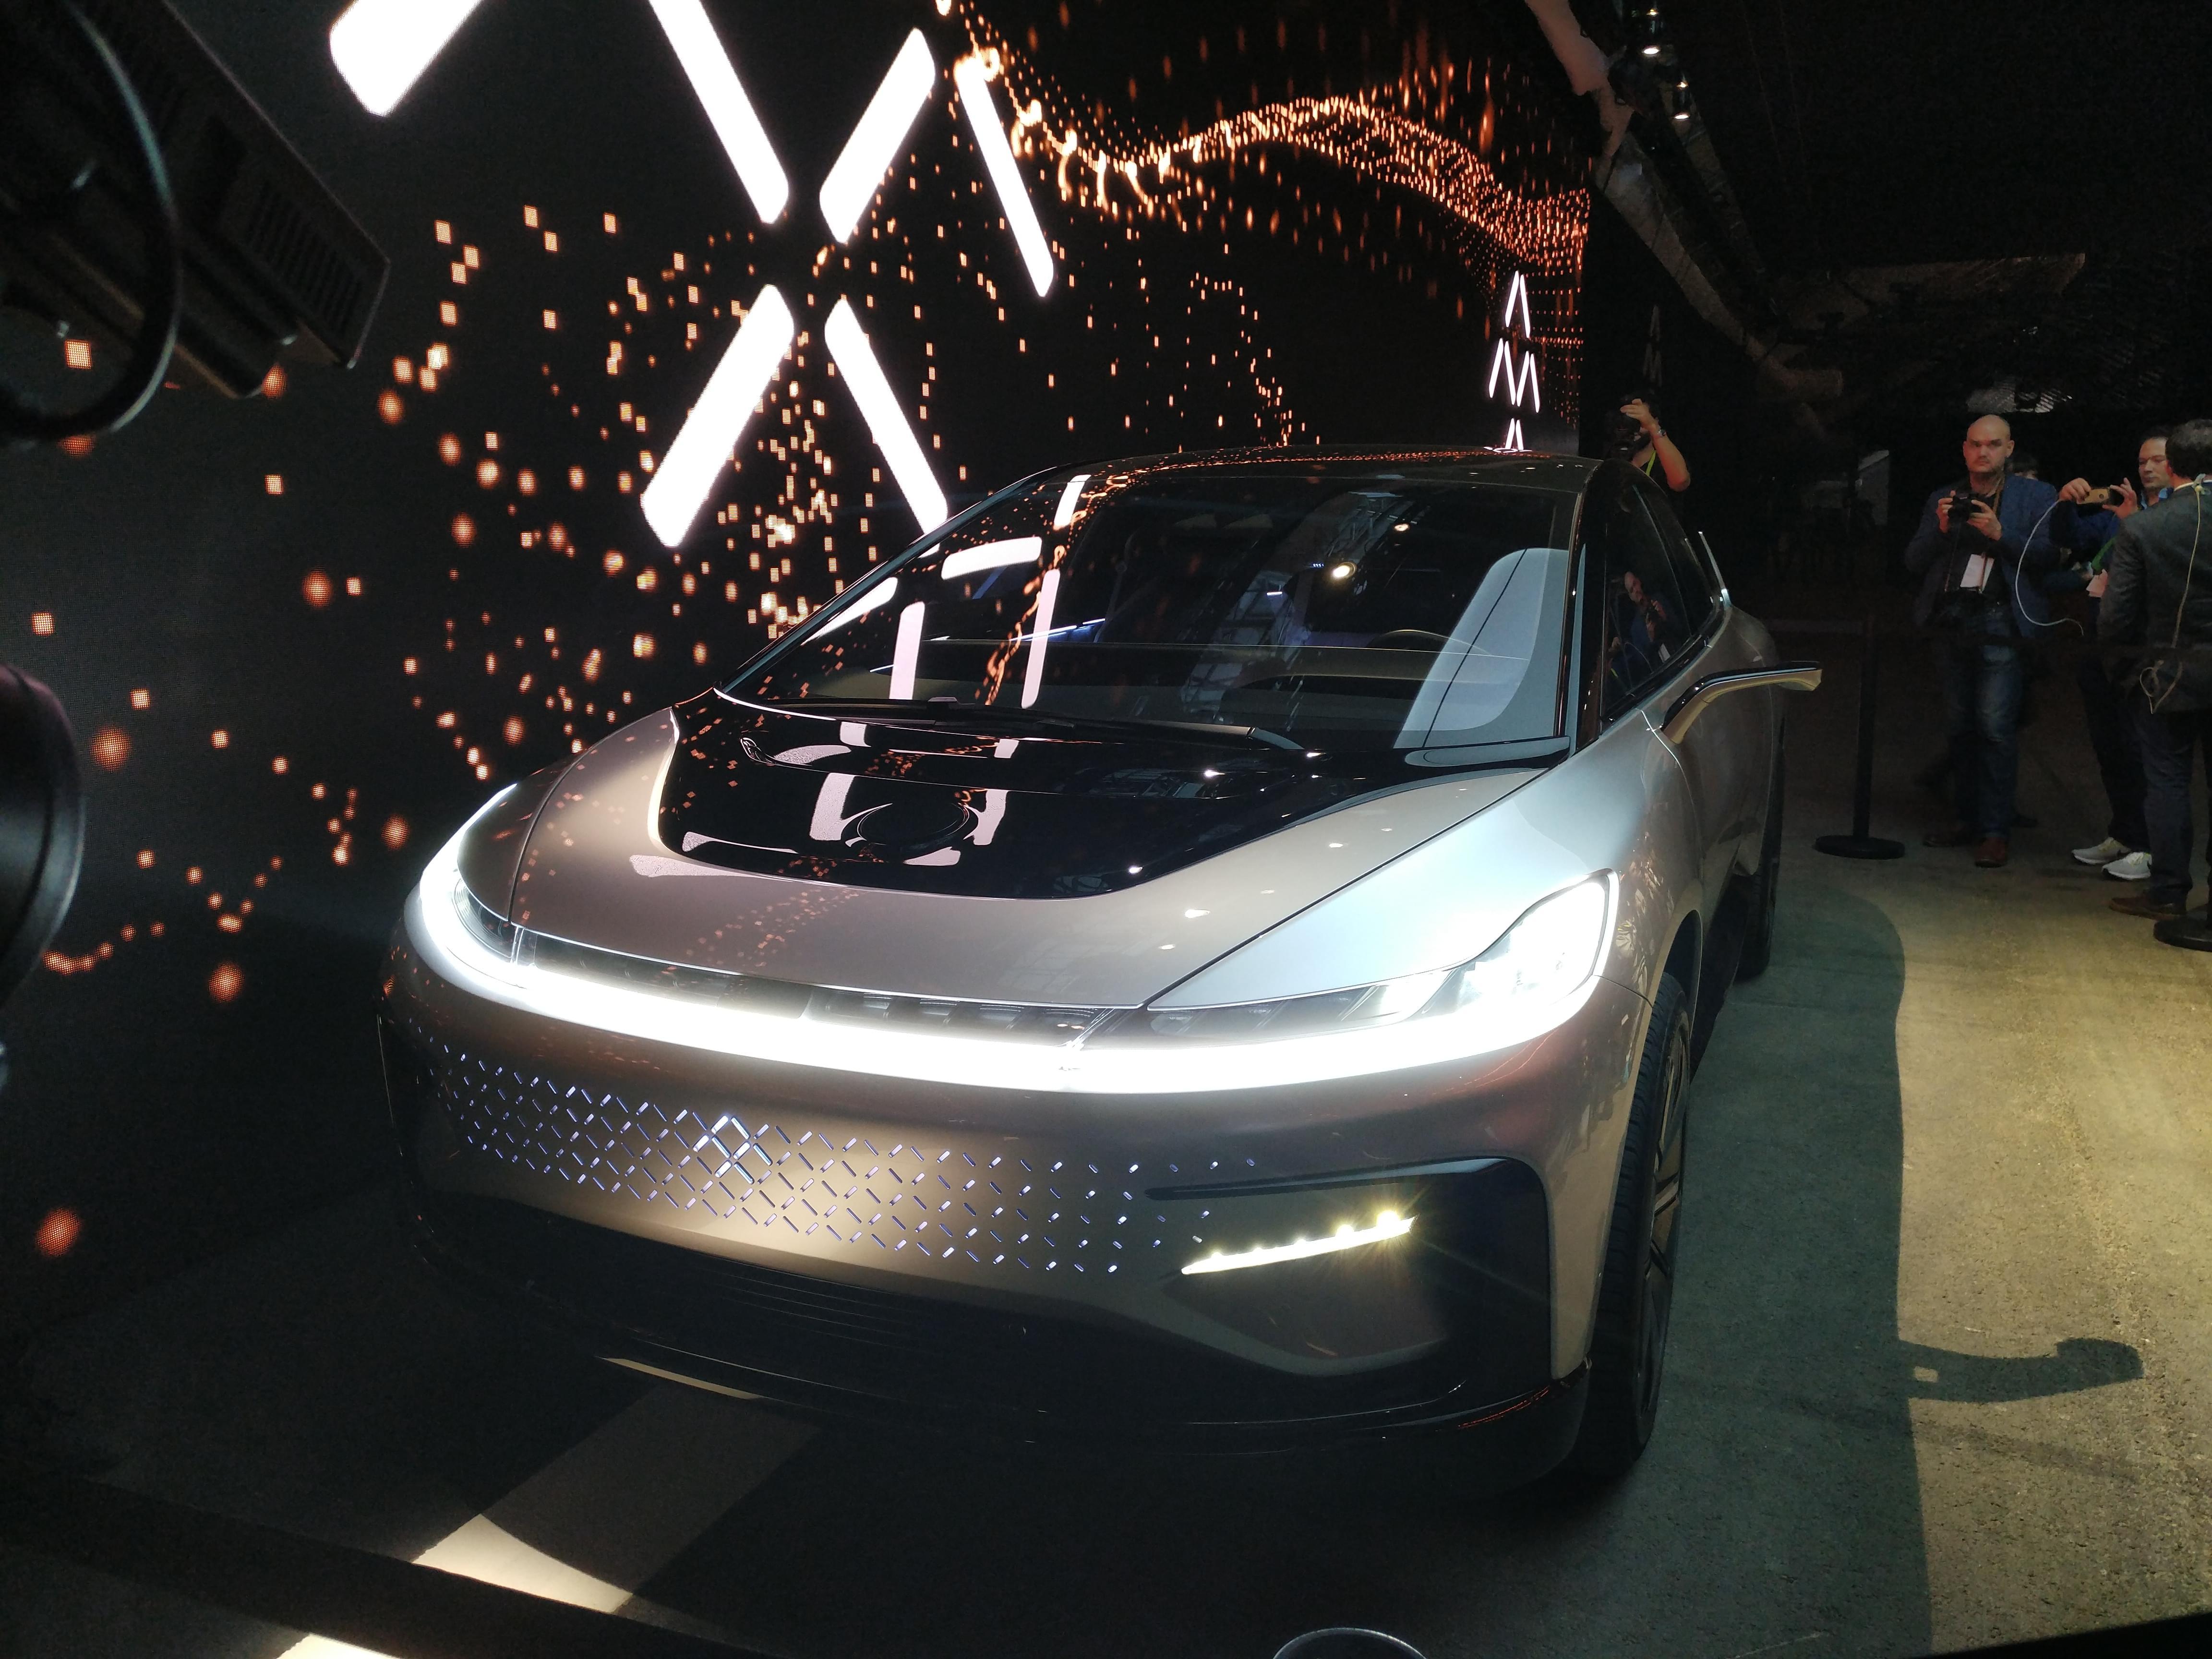 法拉第发量产汽车FF91 贾跃亭称能代替所有车型的照片 - 1